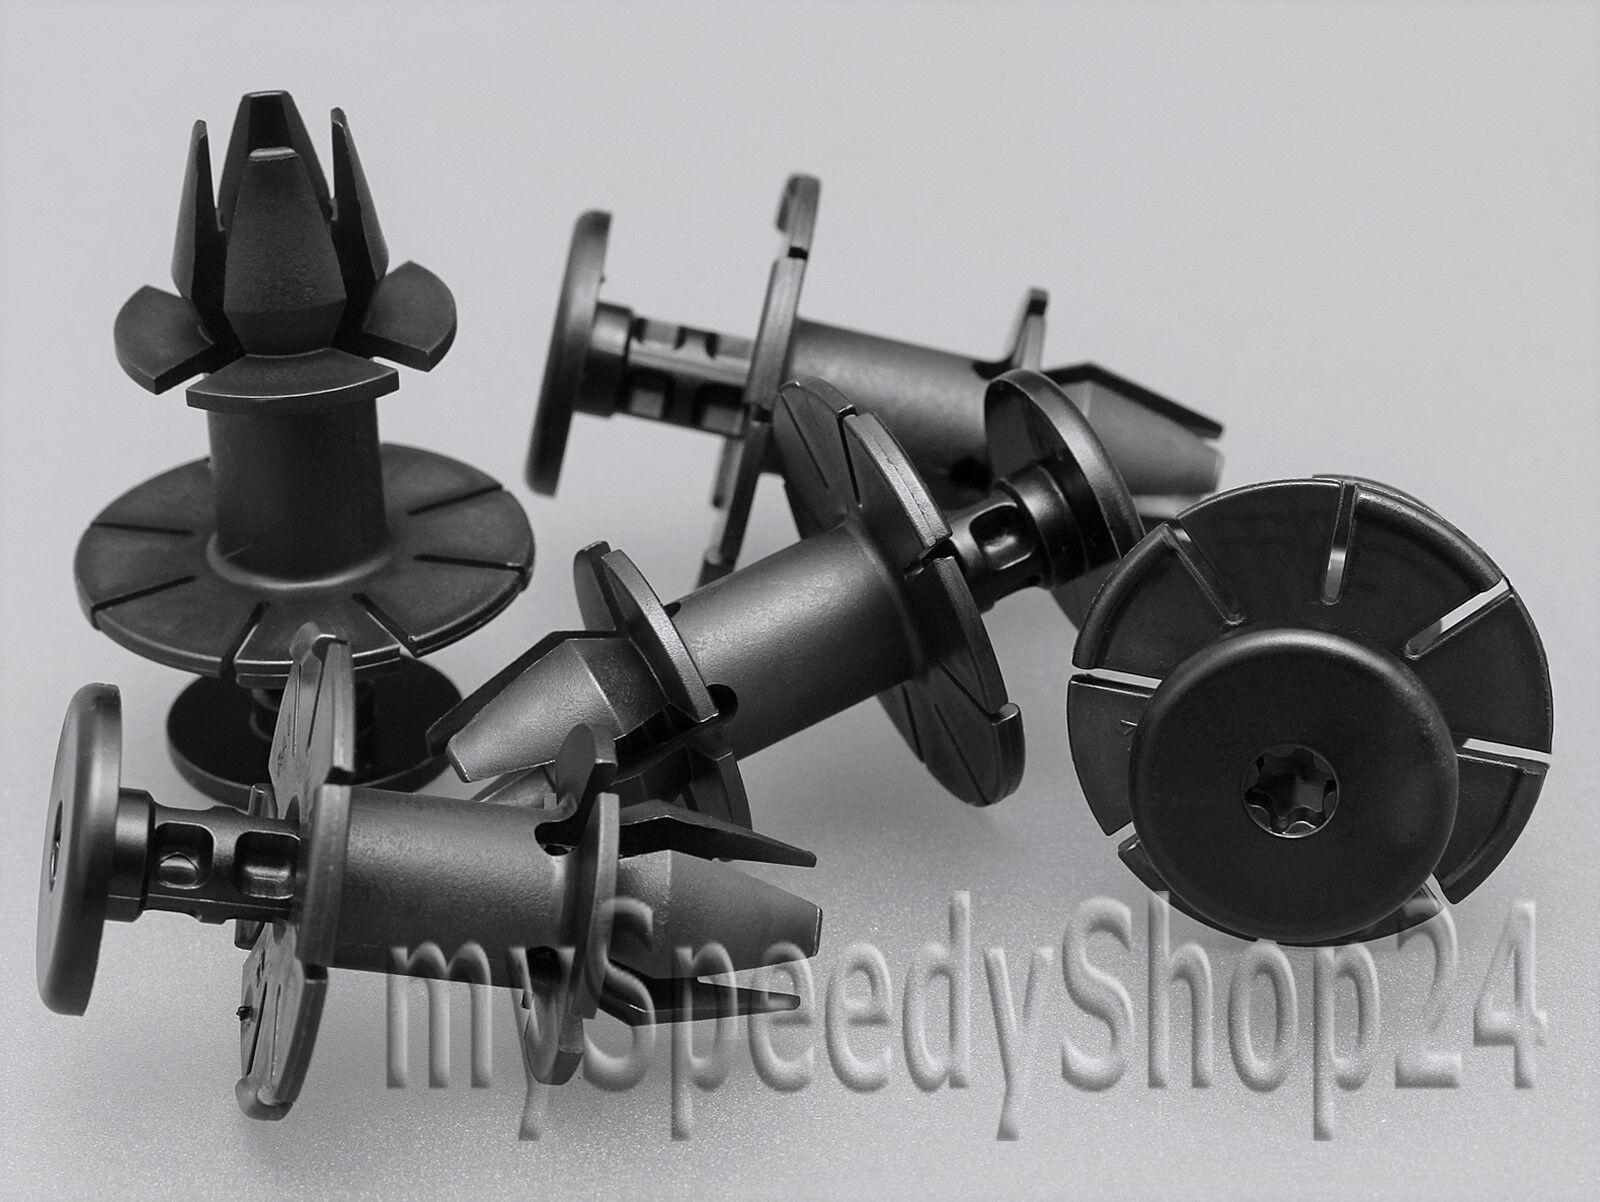 SCC Distanzscheibe ALU 10mm f/ür BMW X6, Spurverbreiterung System 2 F16 20mm pro Achse - X6 Lk 120//5 NLB 74,1